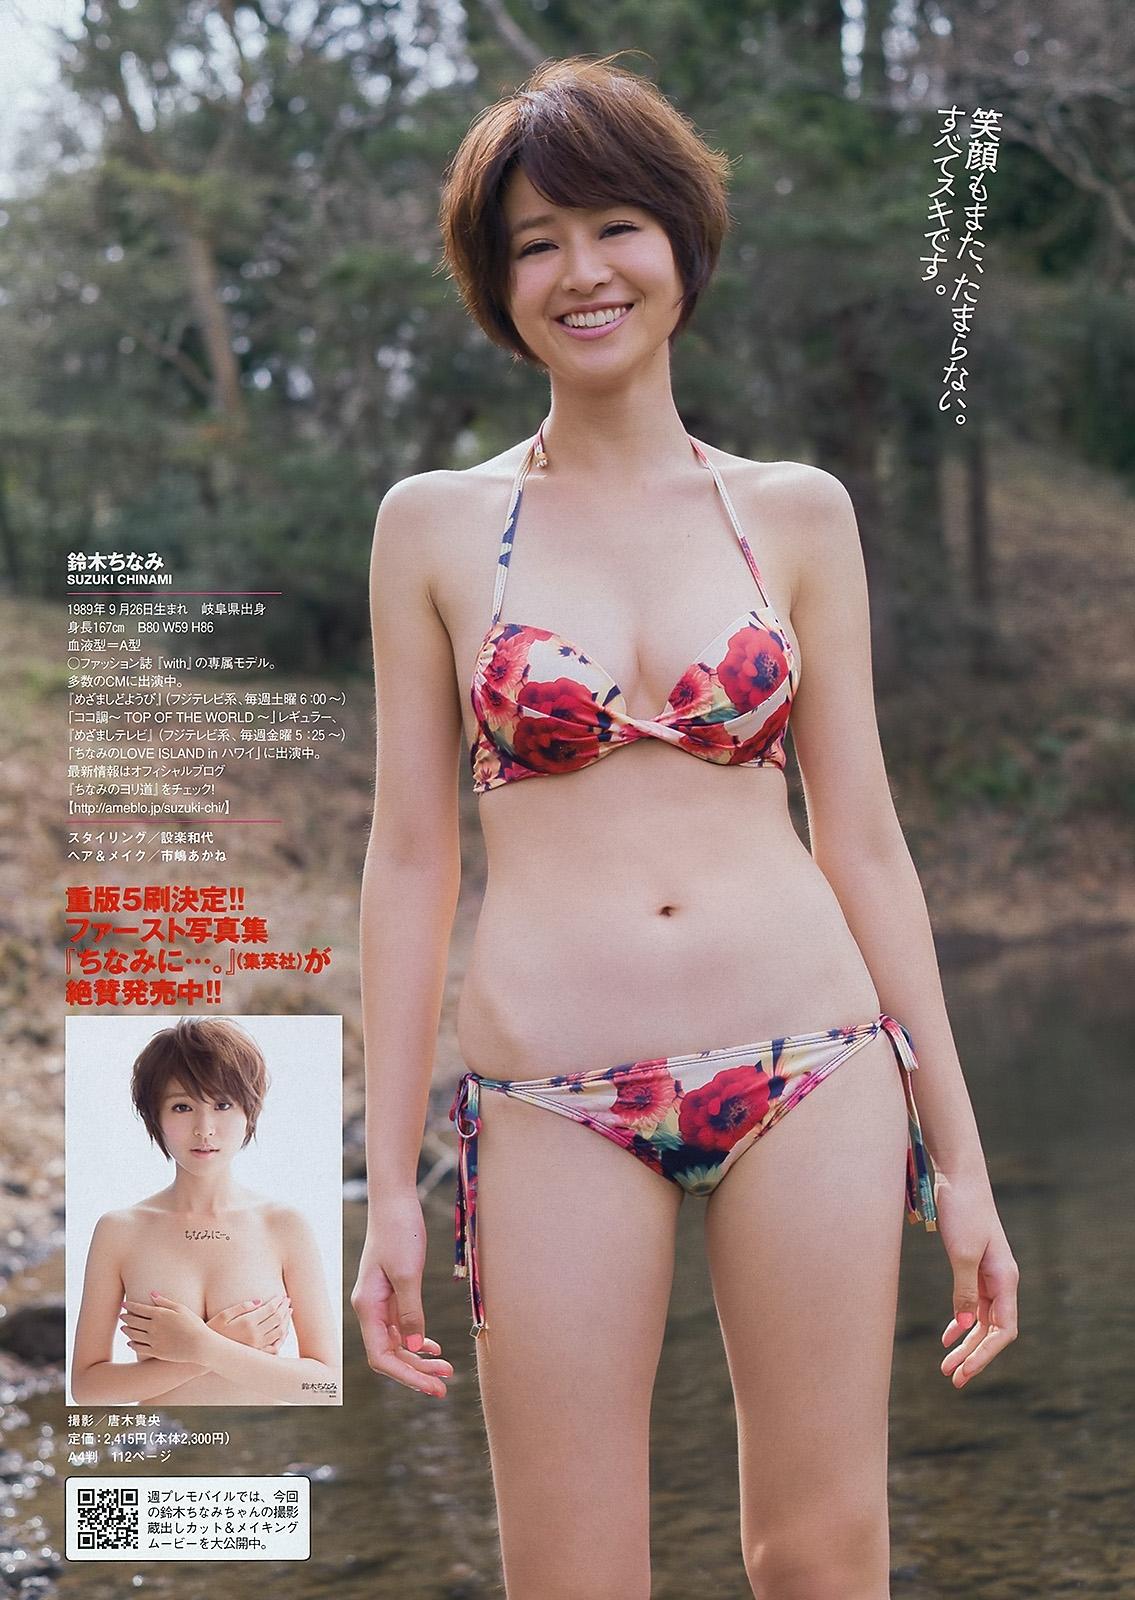 鈴木ちなみ48